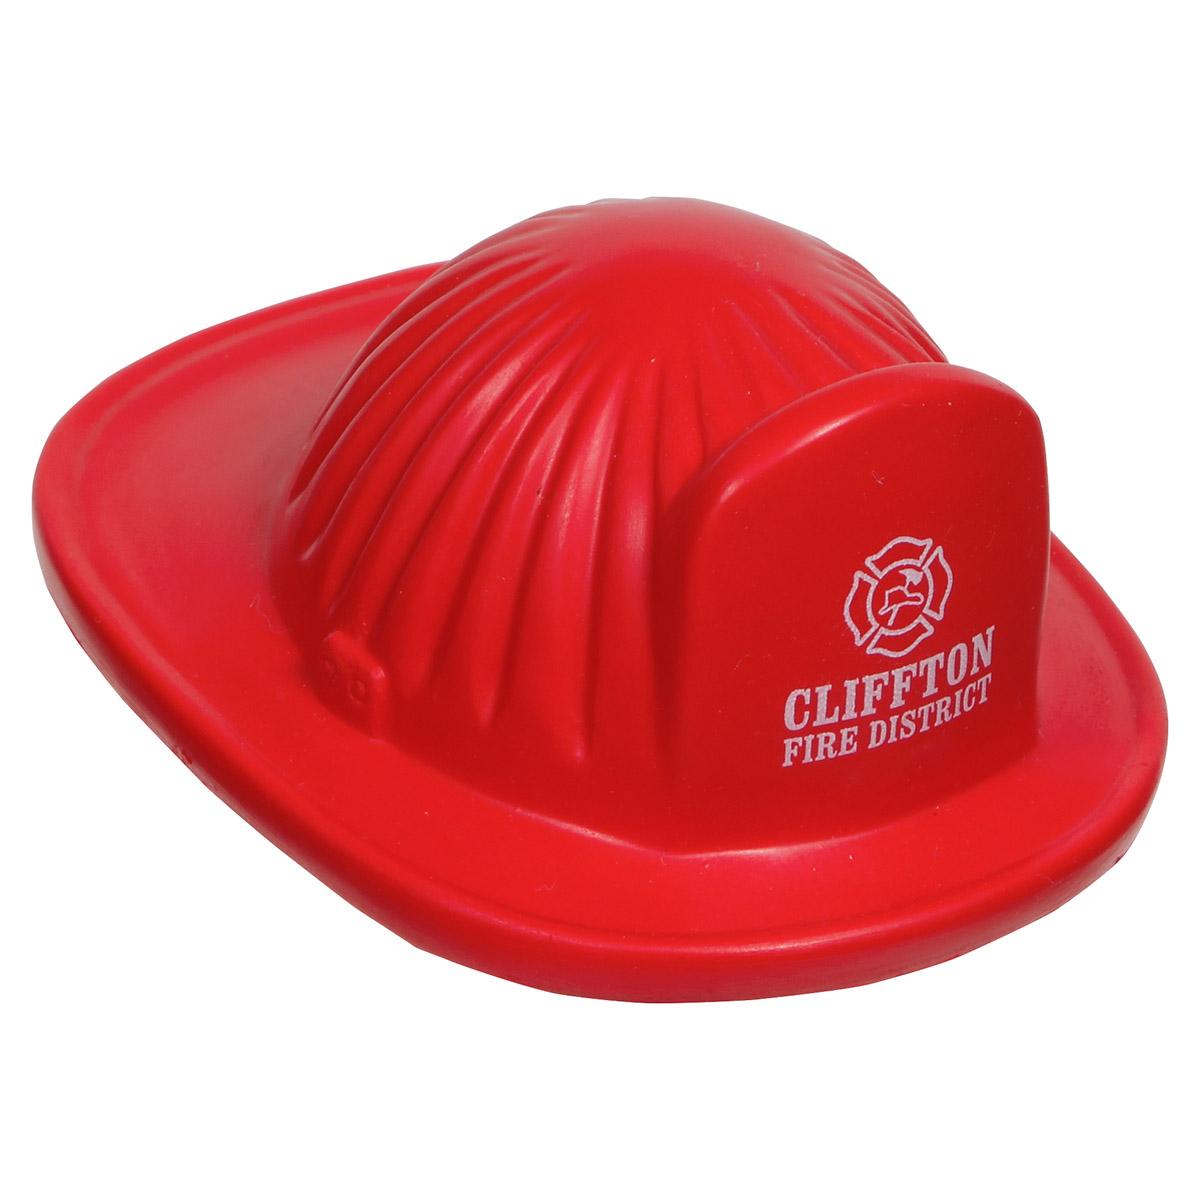 Fire Helmet Stress Reliever, LCC-FH16 - 1 Colour Imprint